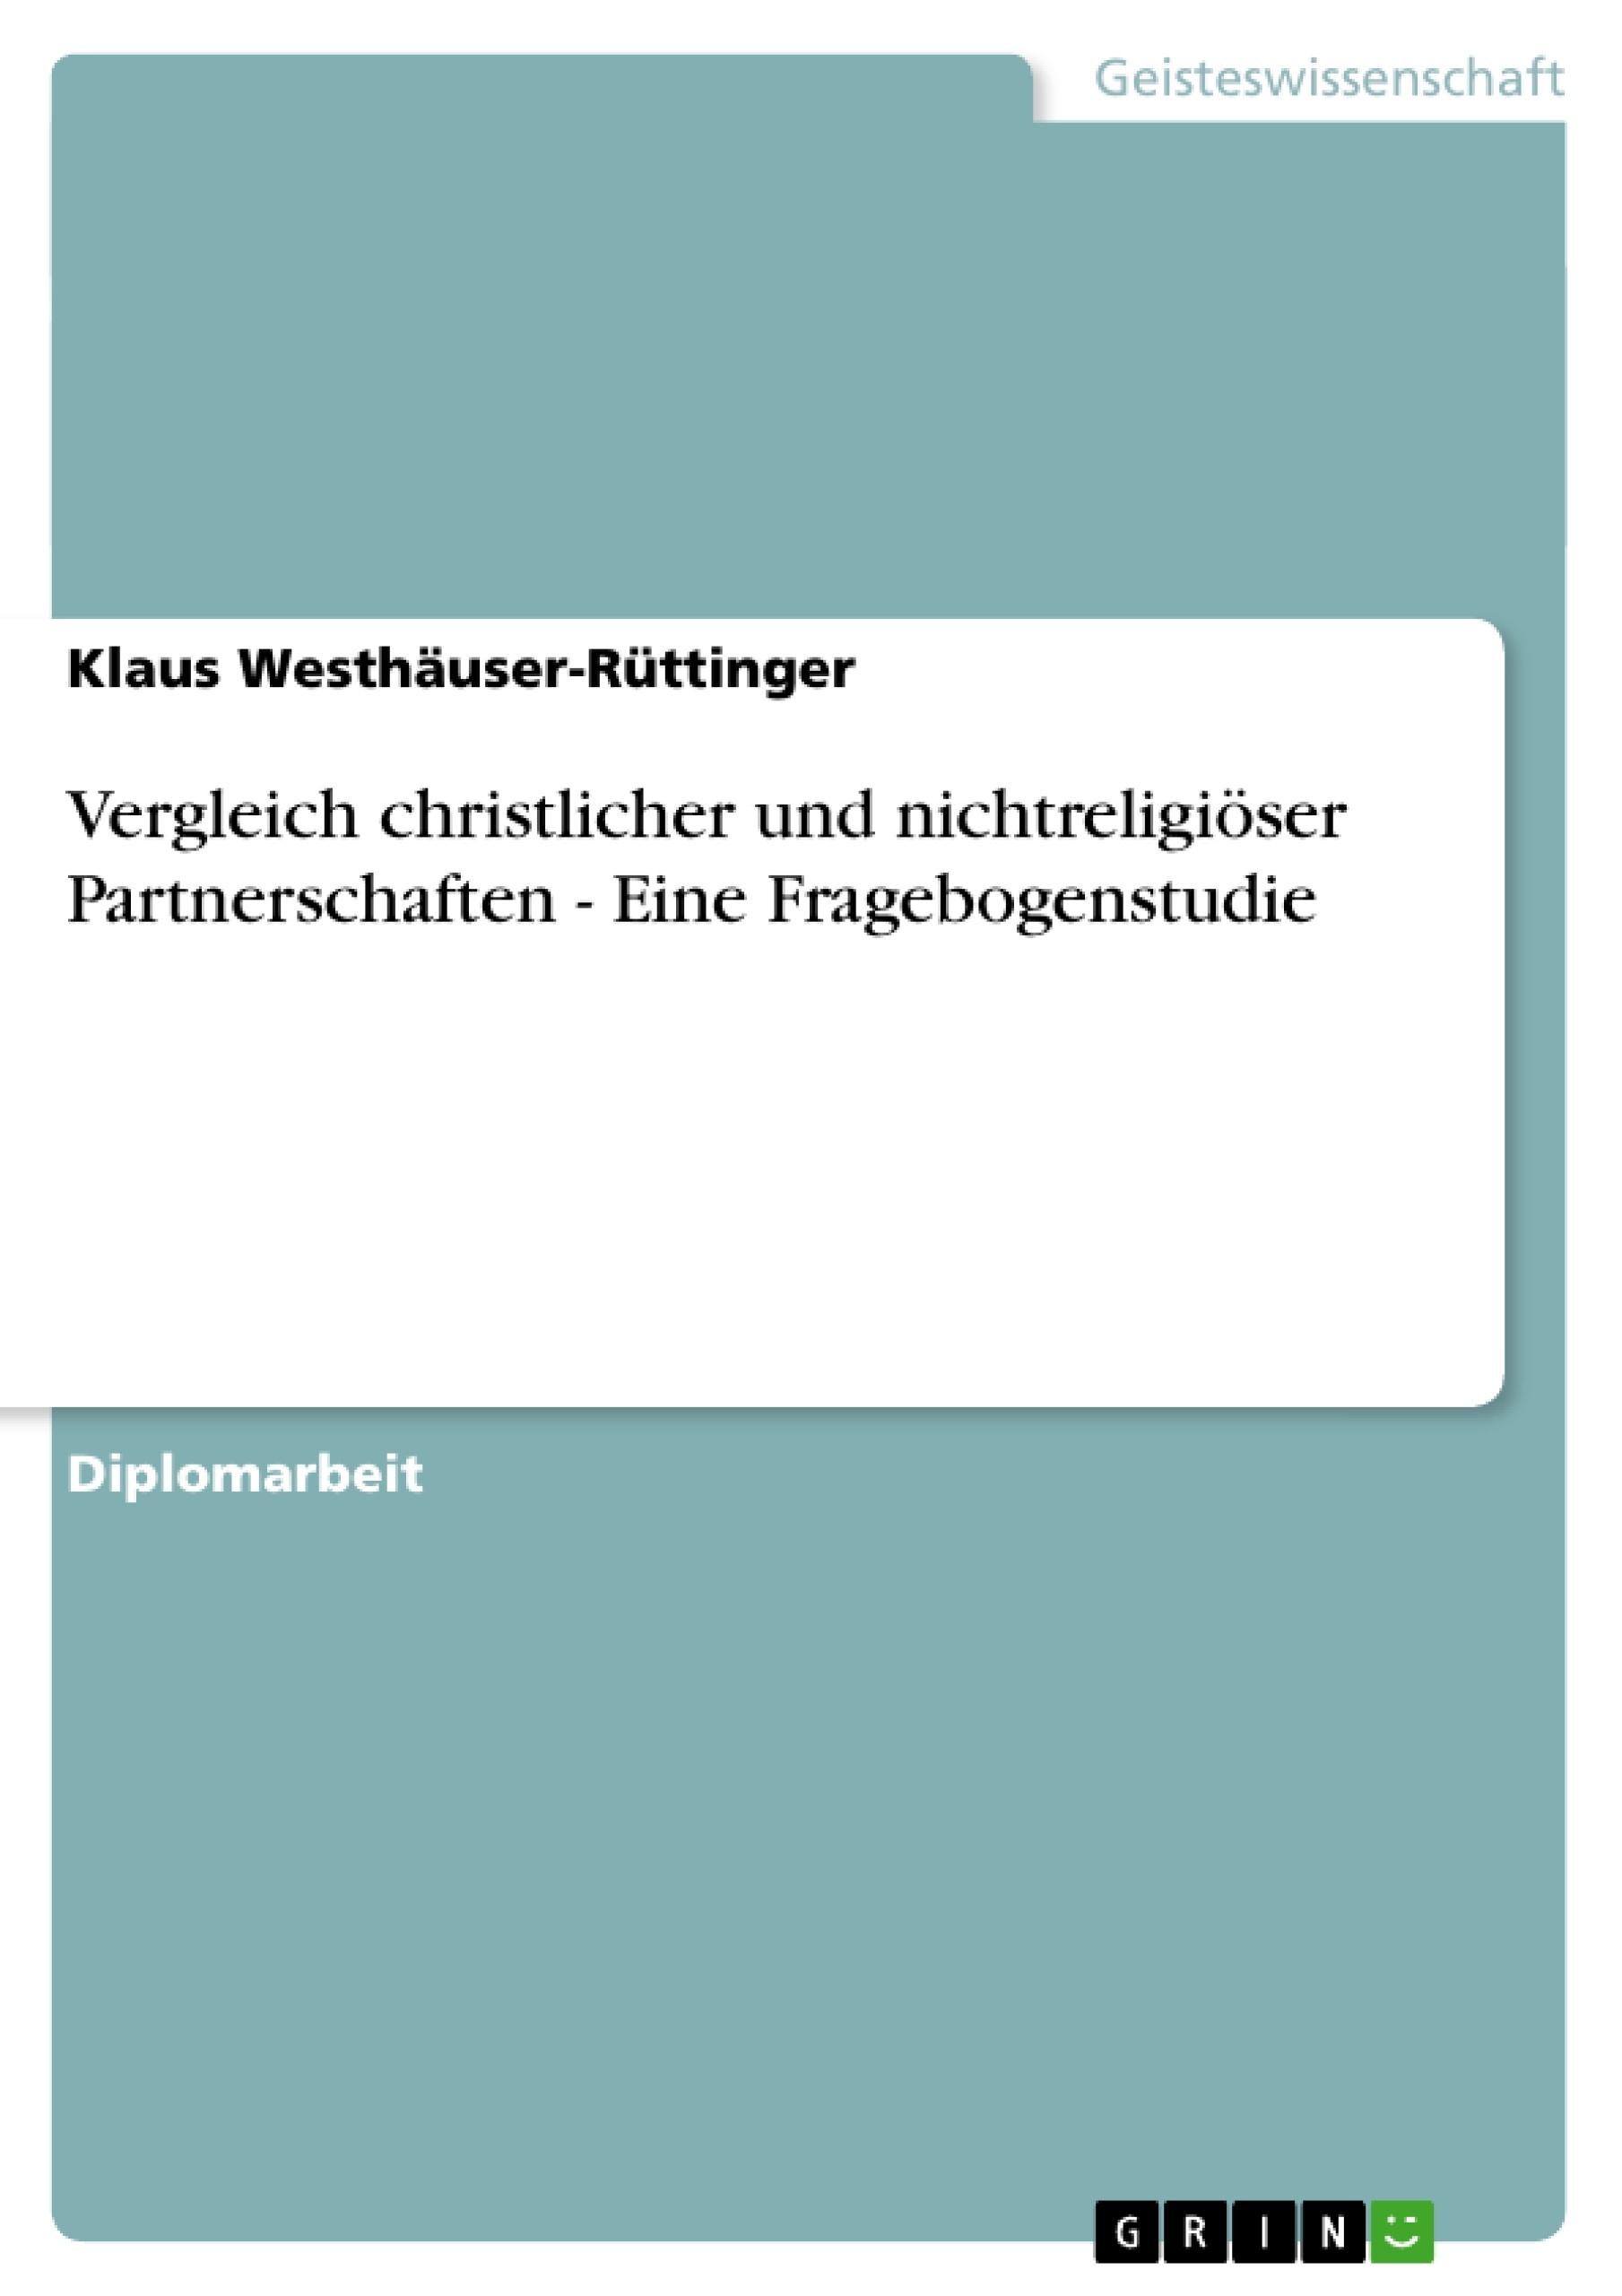 Titel: Vergleich christlicher und nichtreligiöser Partnerschaften - Eine Fragebogenstudie